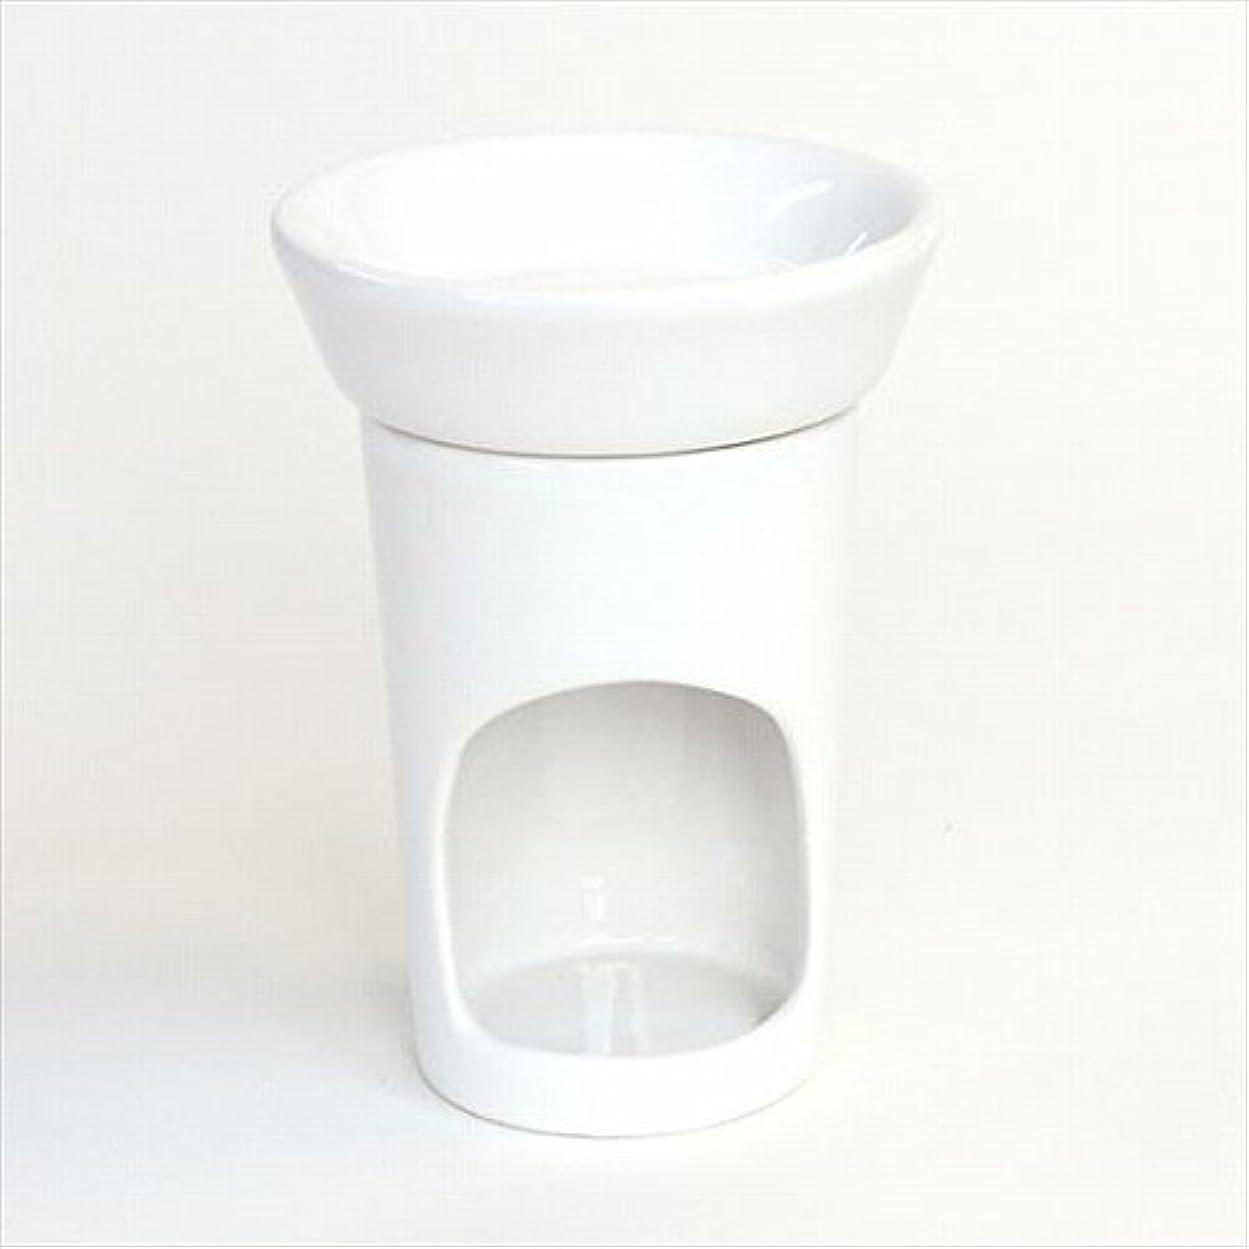 効率的に揺れる詳細なカメヤマキャンドル( kameyama candle ) ブランタルトウォーマー